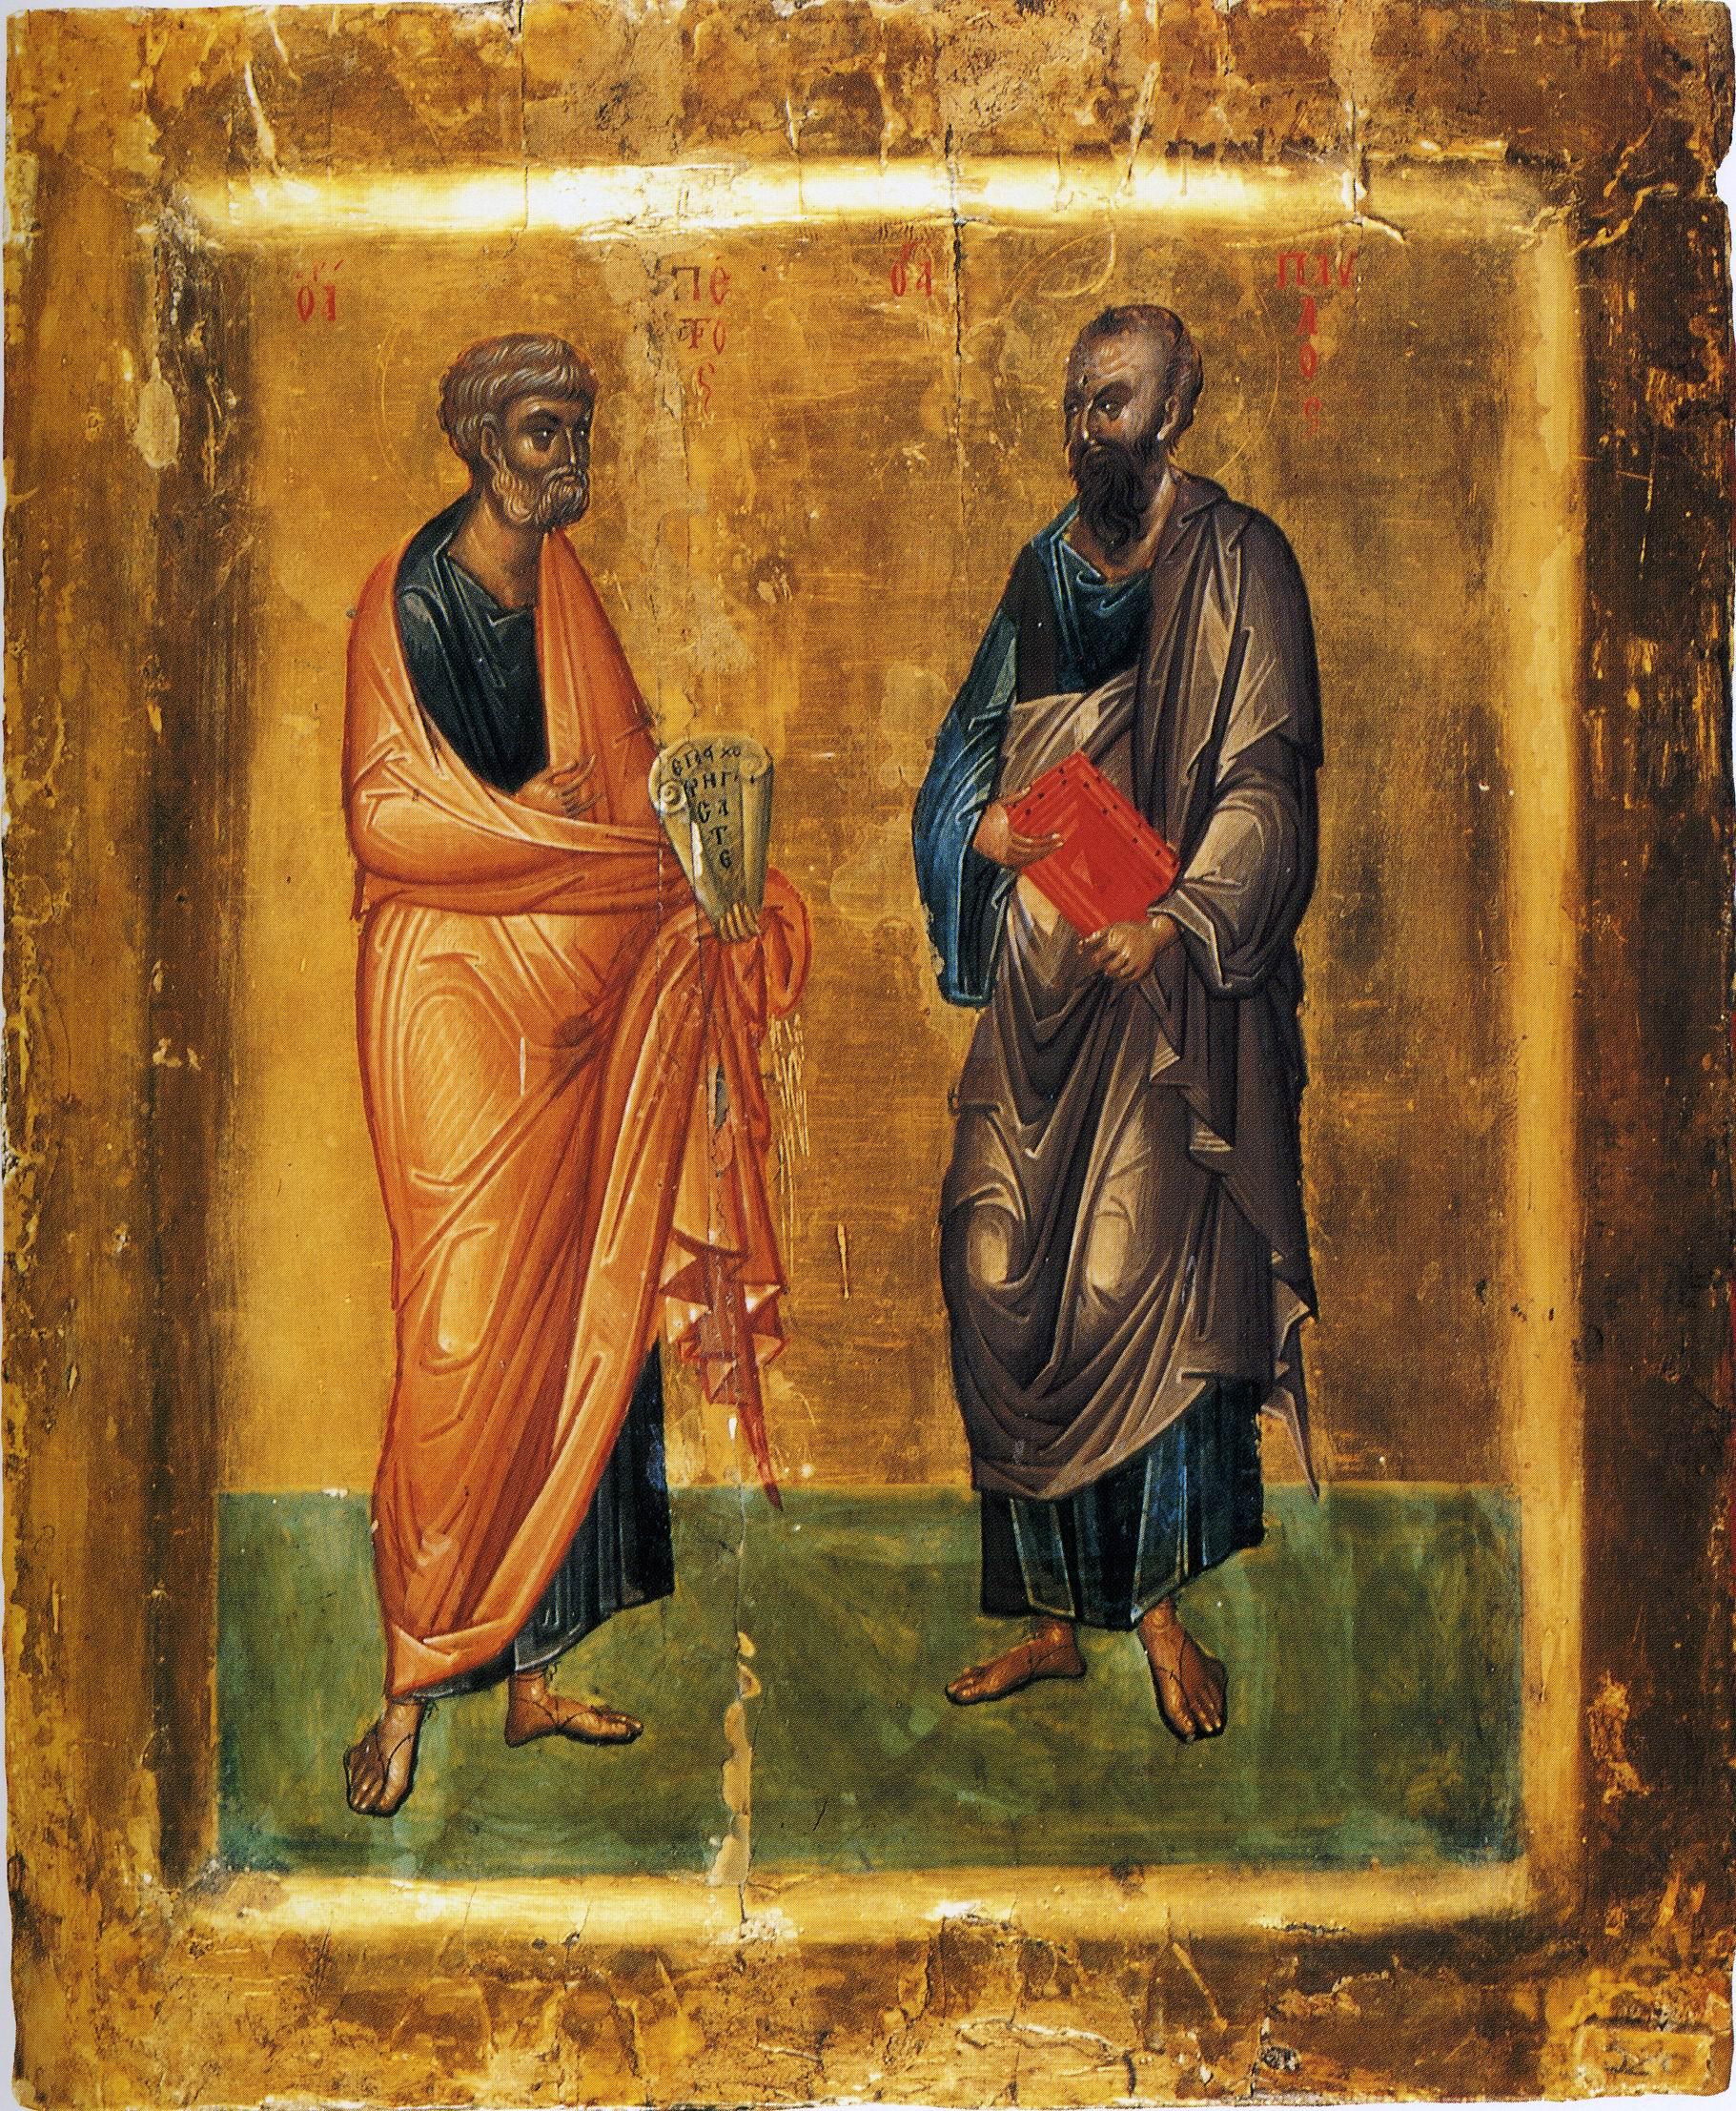 Lundi 12 juillet 2021— Mémoire des saints, glorieux et illustres apôtres Pierre et Paul, les premiers coryphées